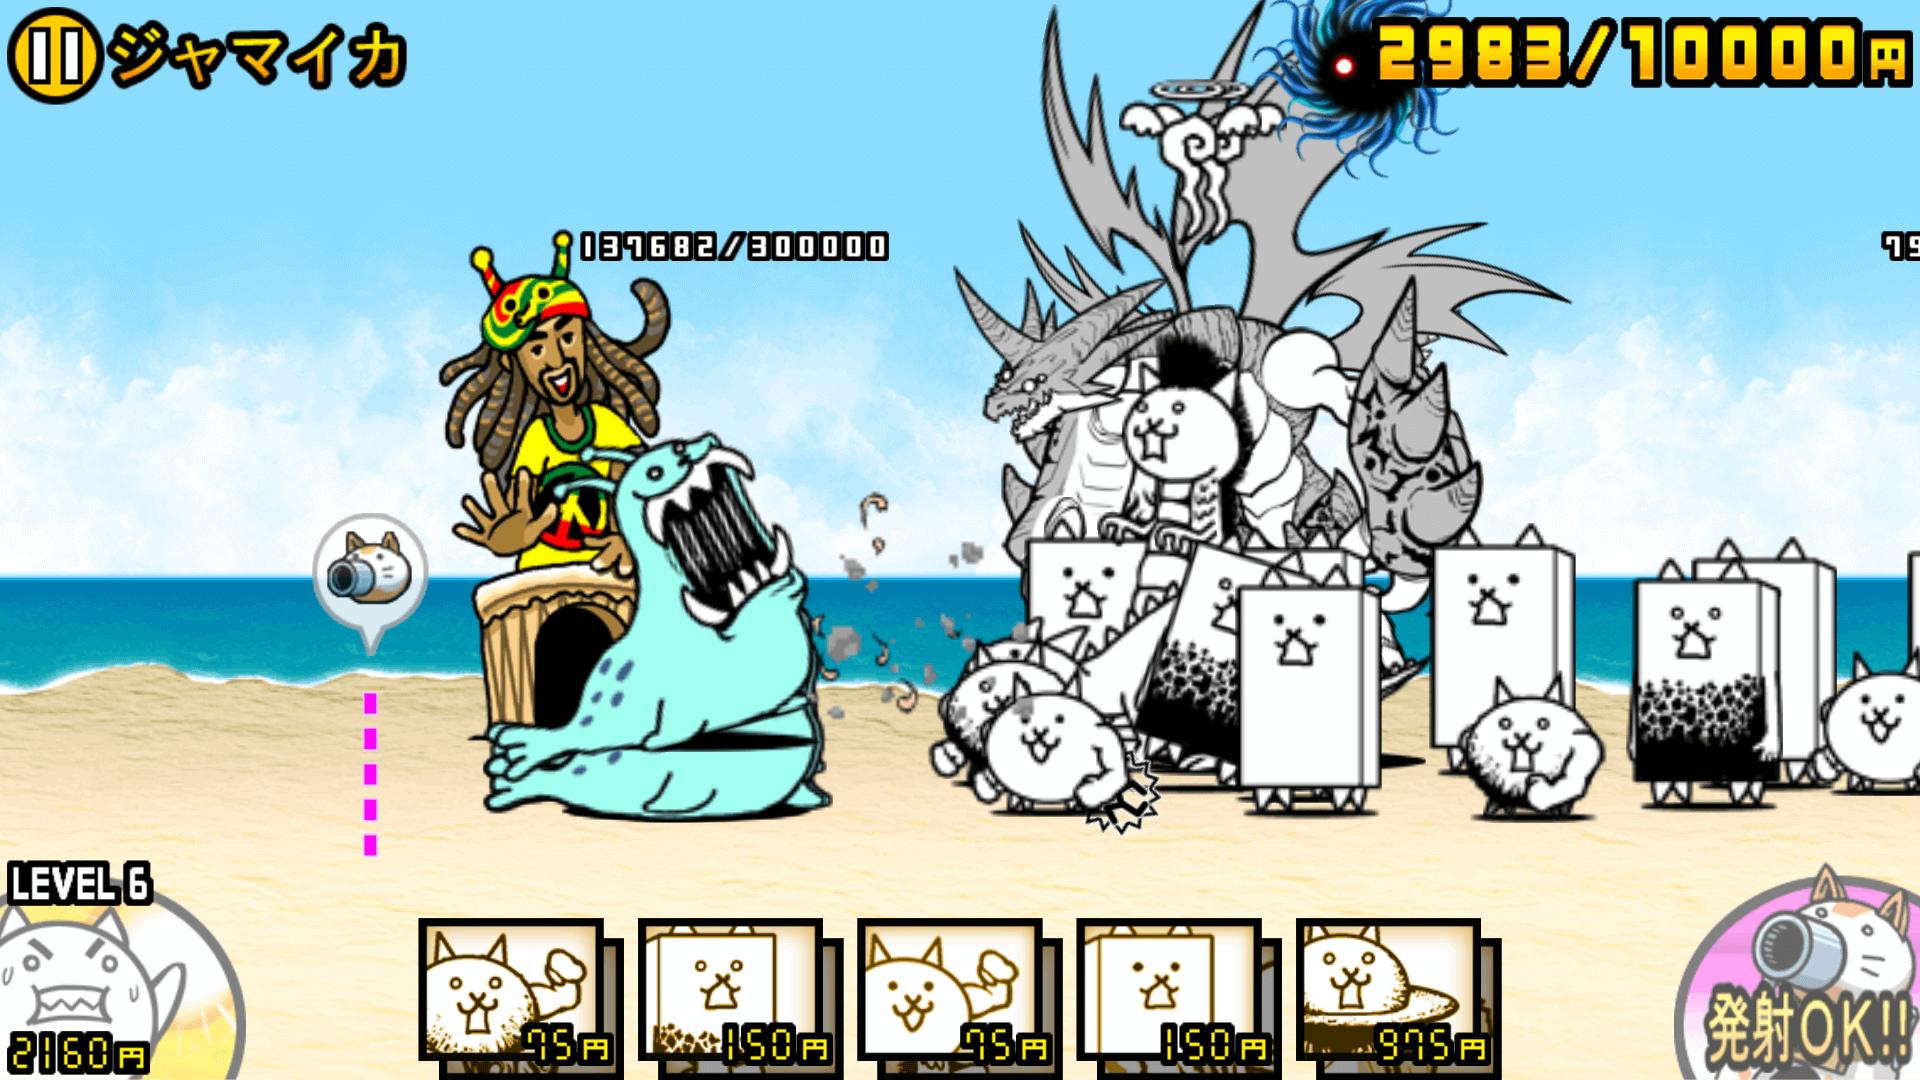 敵城を叩いて出現するゴマサーマンを倒す